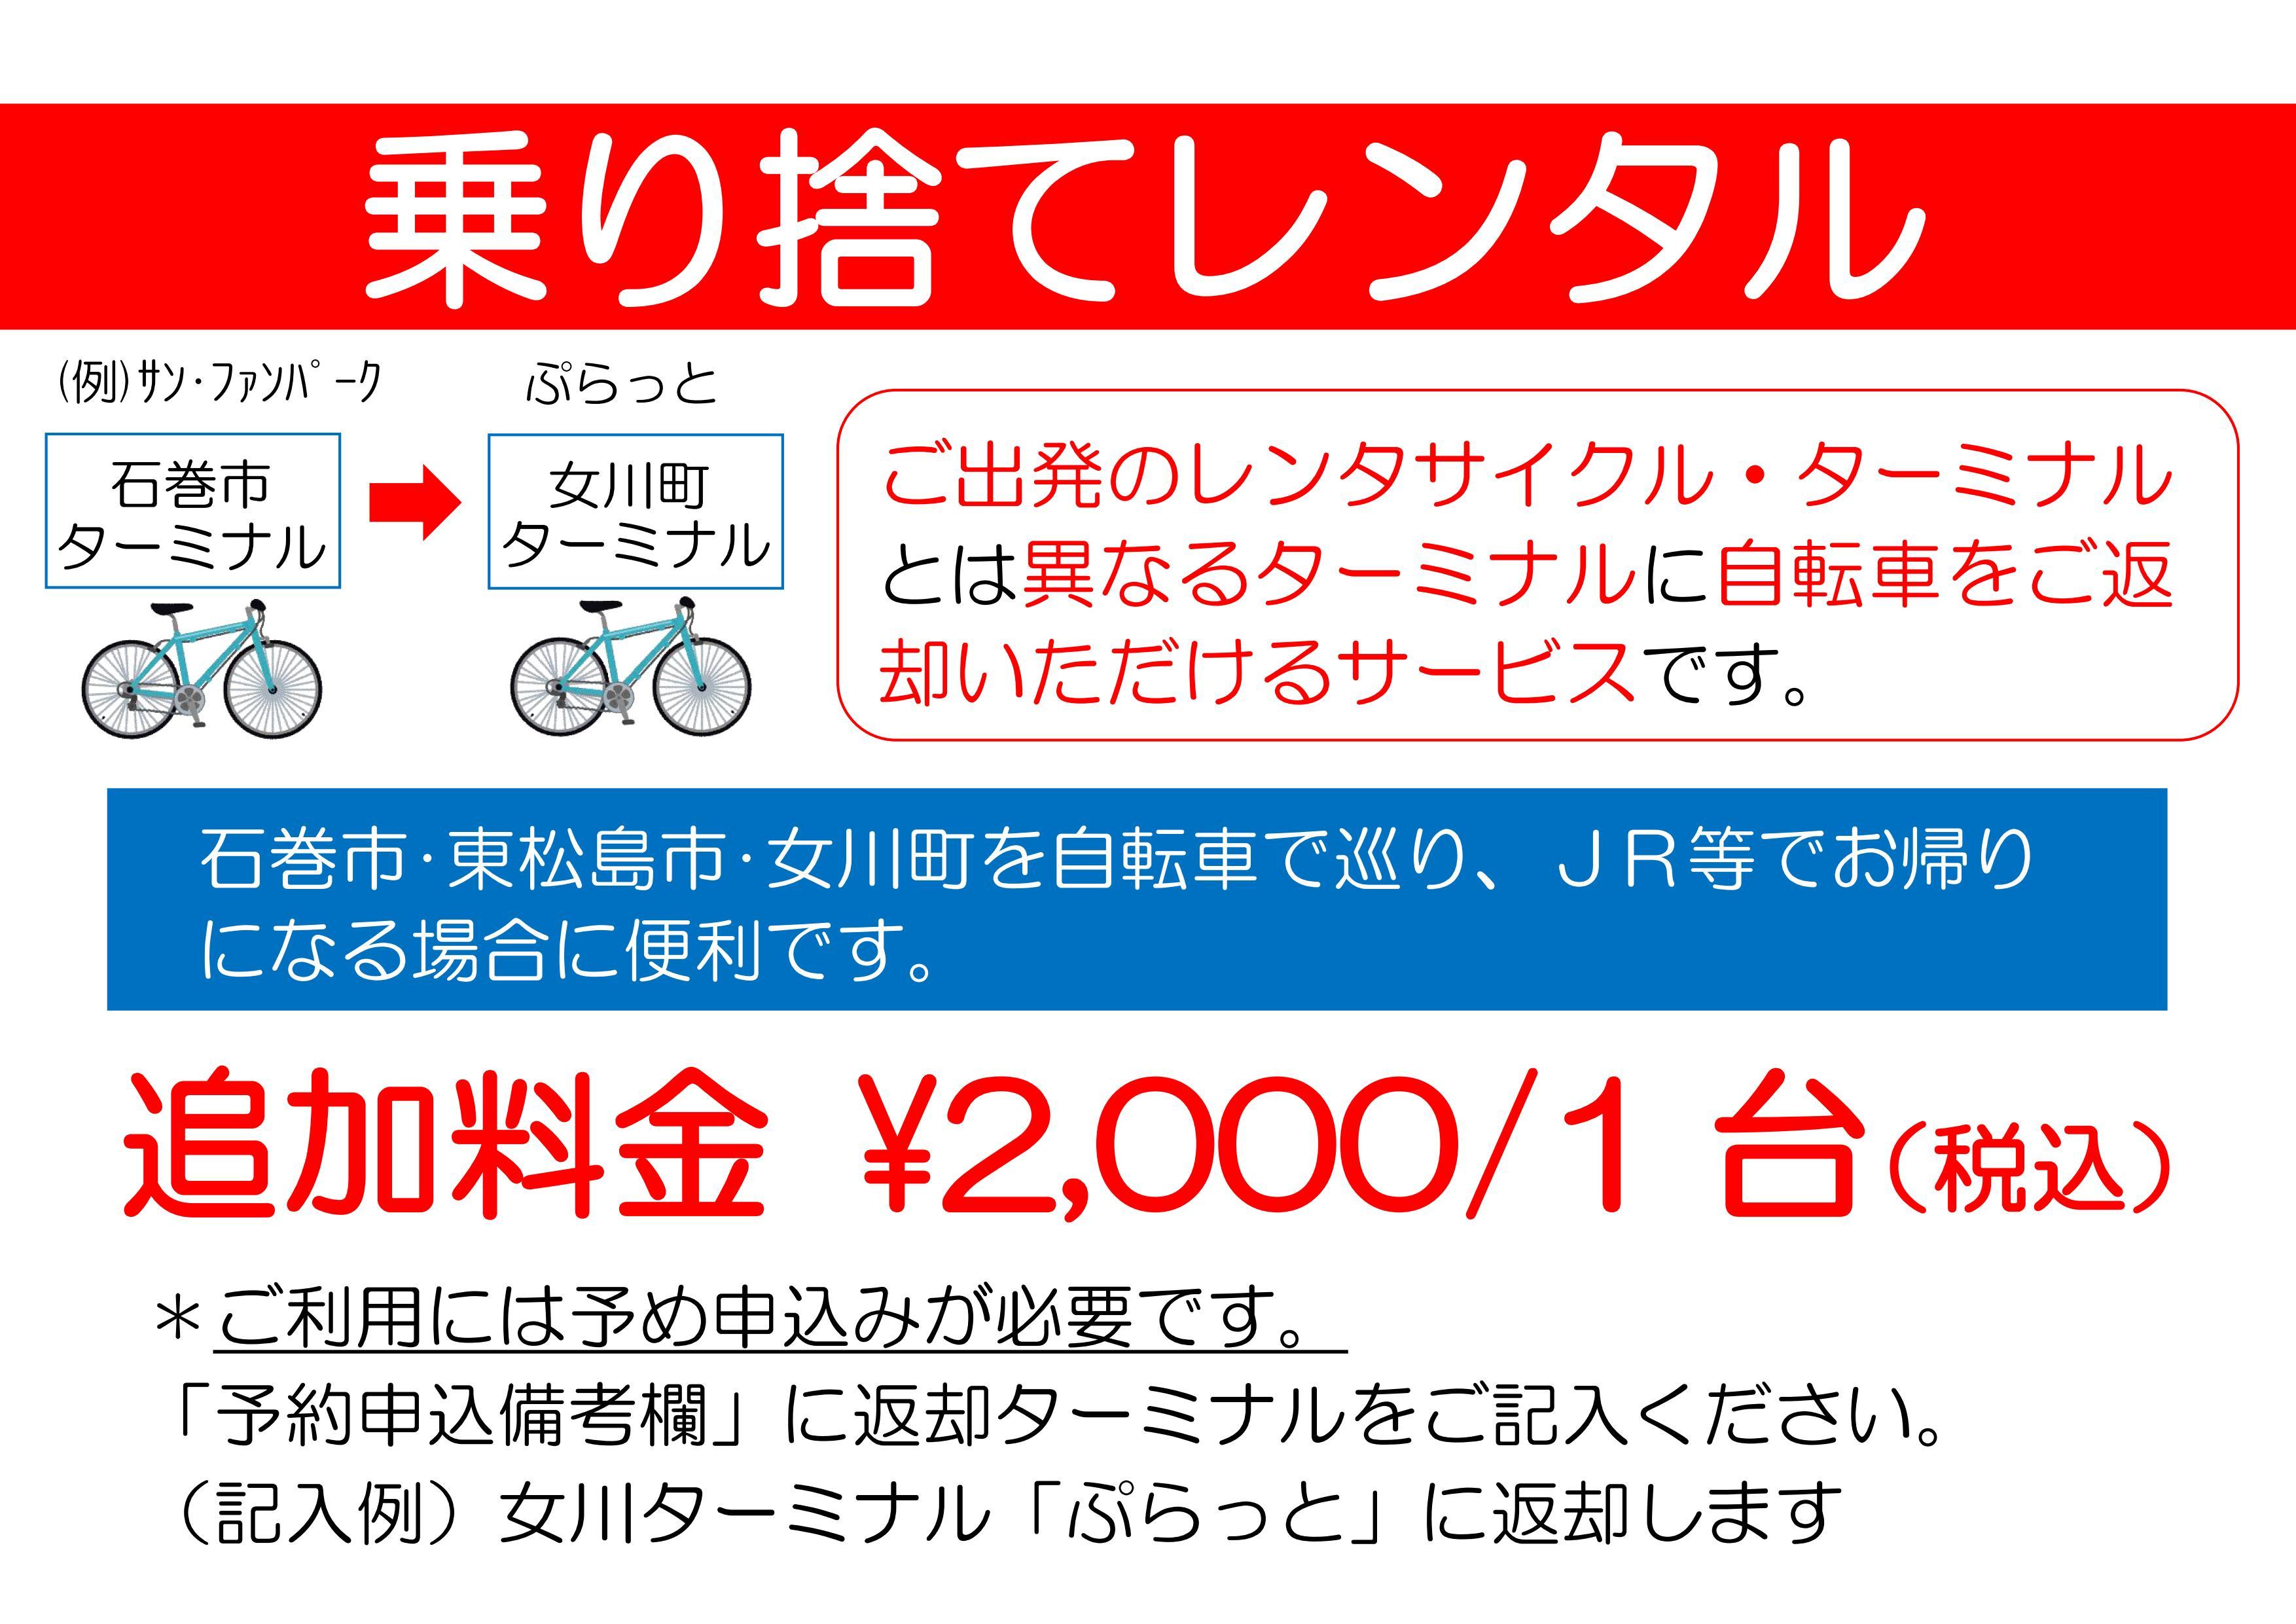 【石巻市】石巻市かわまち交流センター 一般XSタイプ 1日2台限定【コース番号:80301】